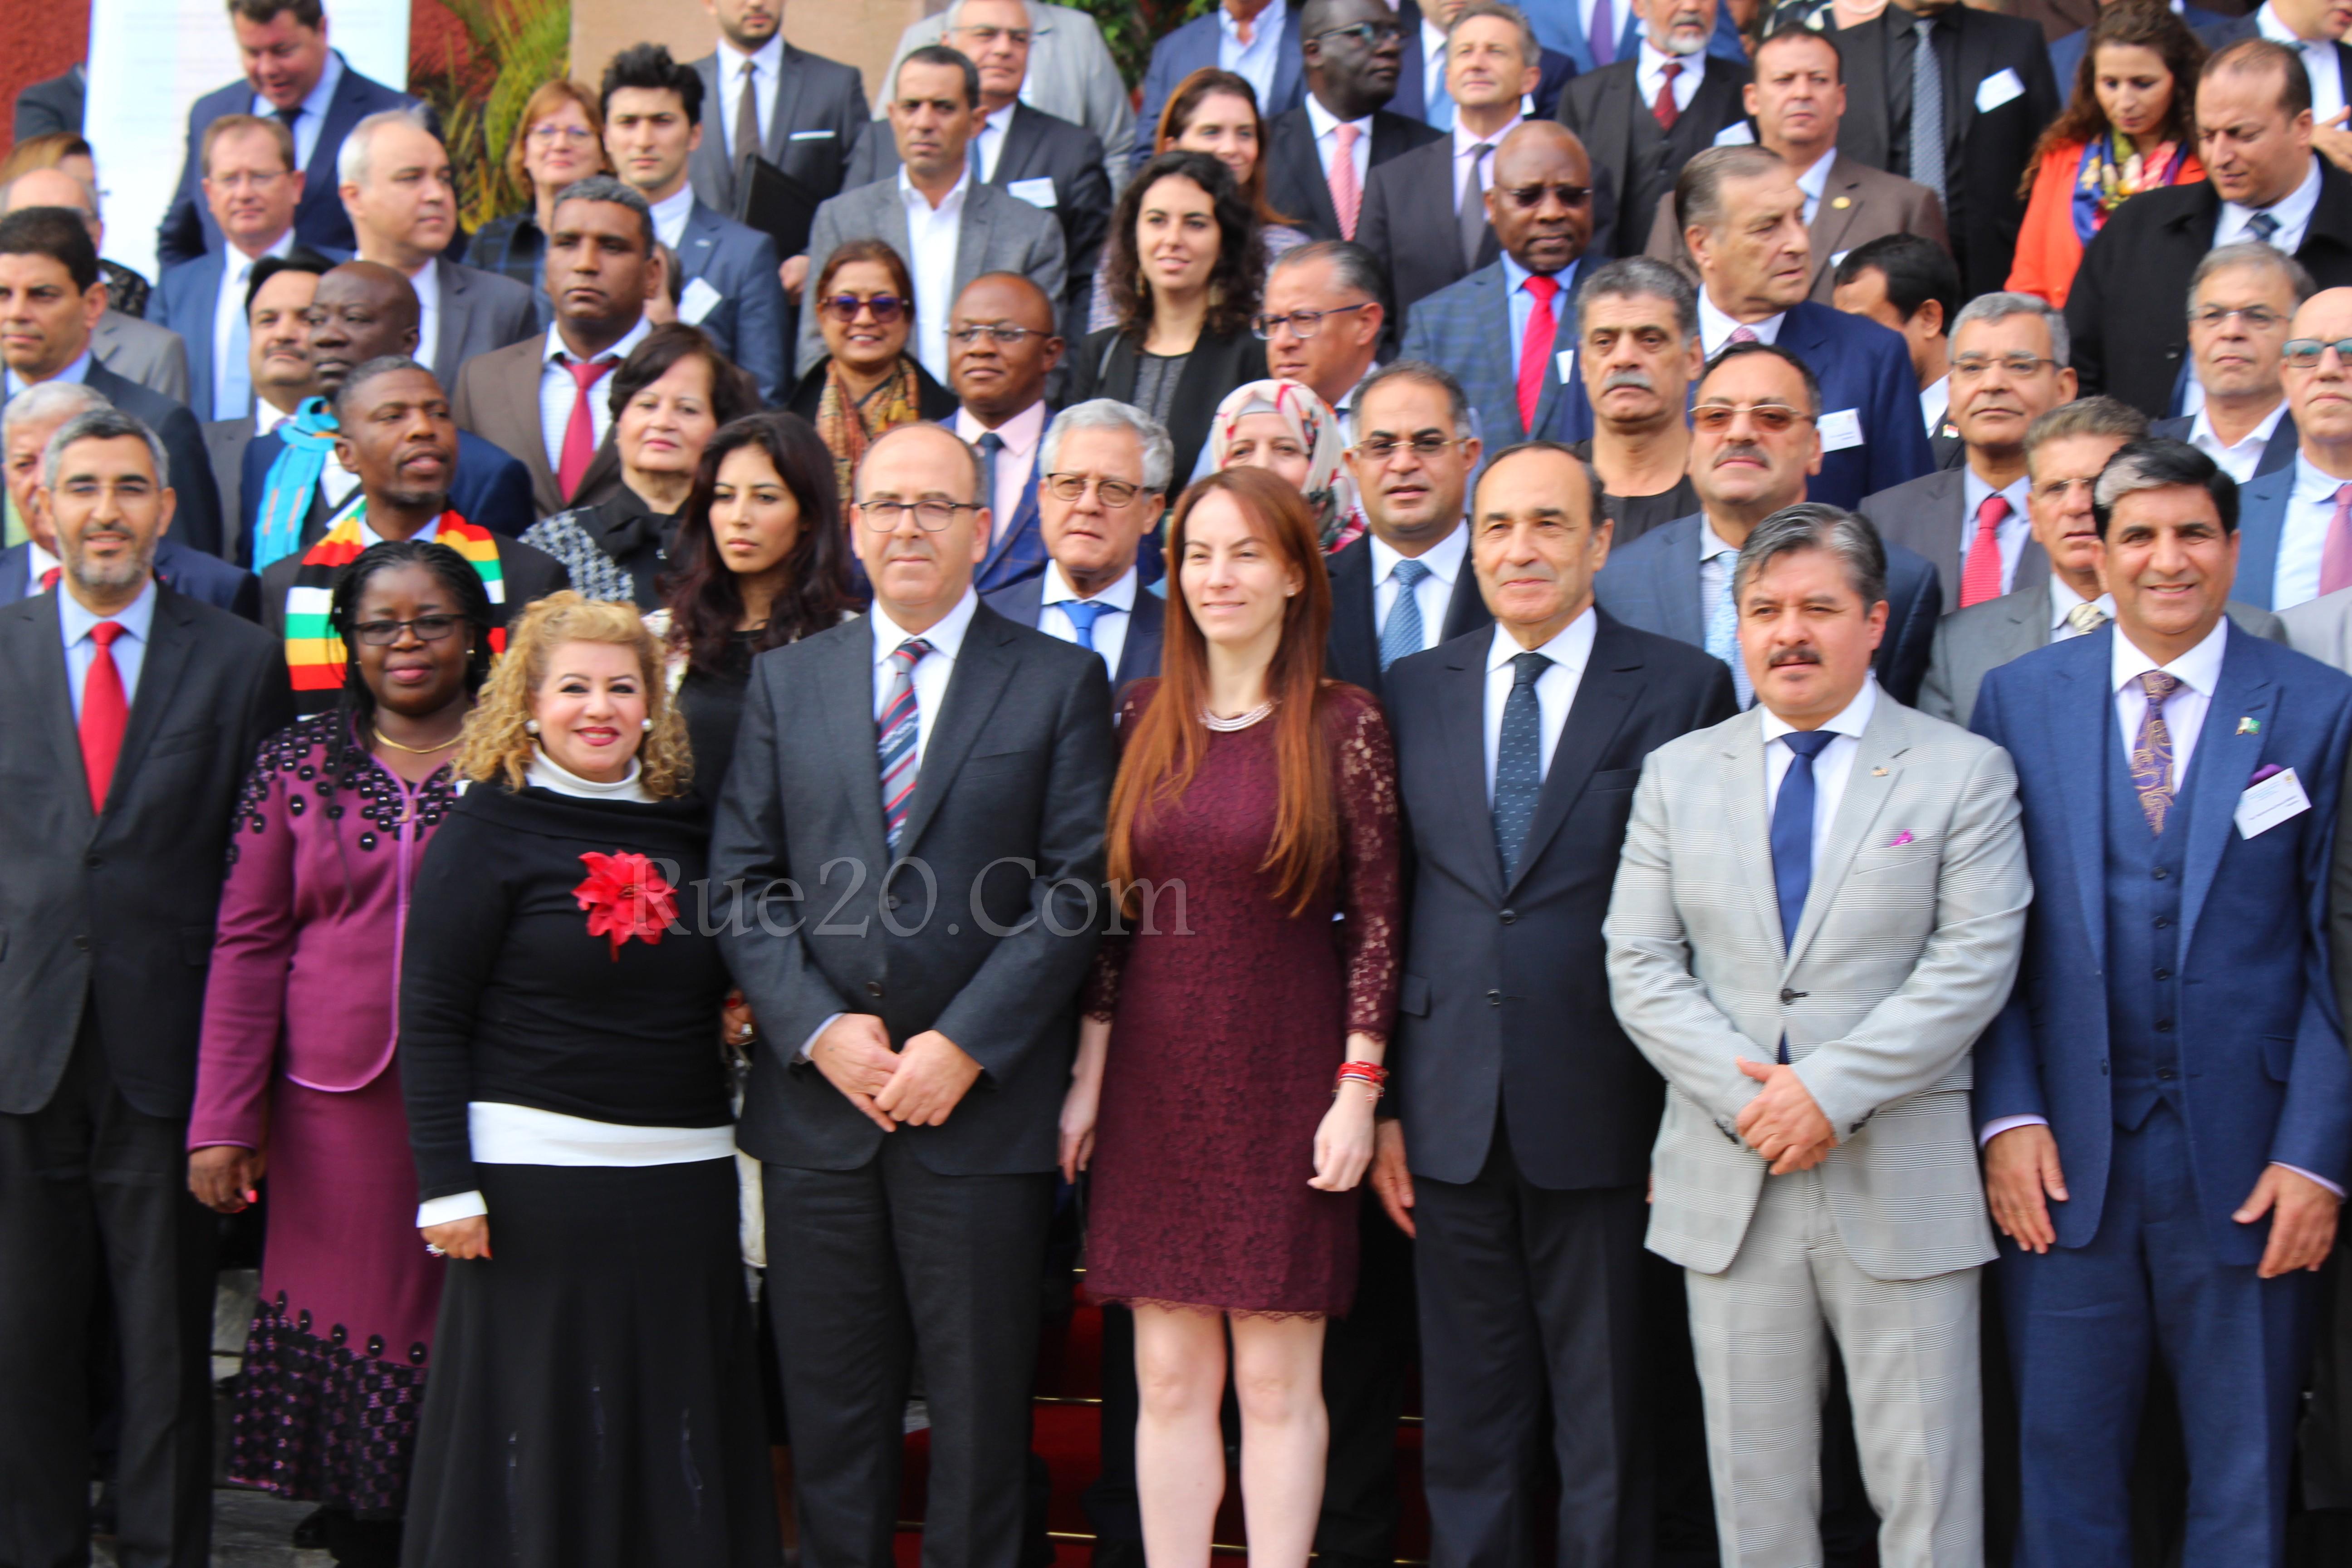 رئيسة الإتحاد البرلماني الدولي تدعو من الرباط لتنظيم وتقنين الهجرة للحد مِن المآسي